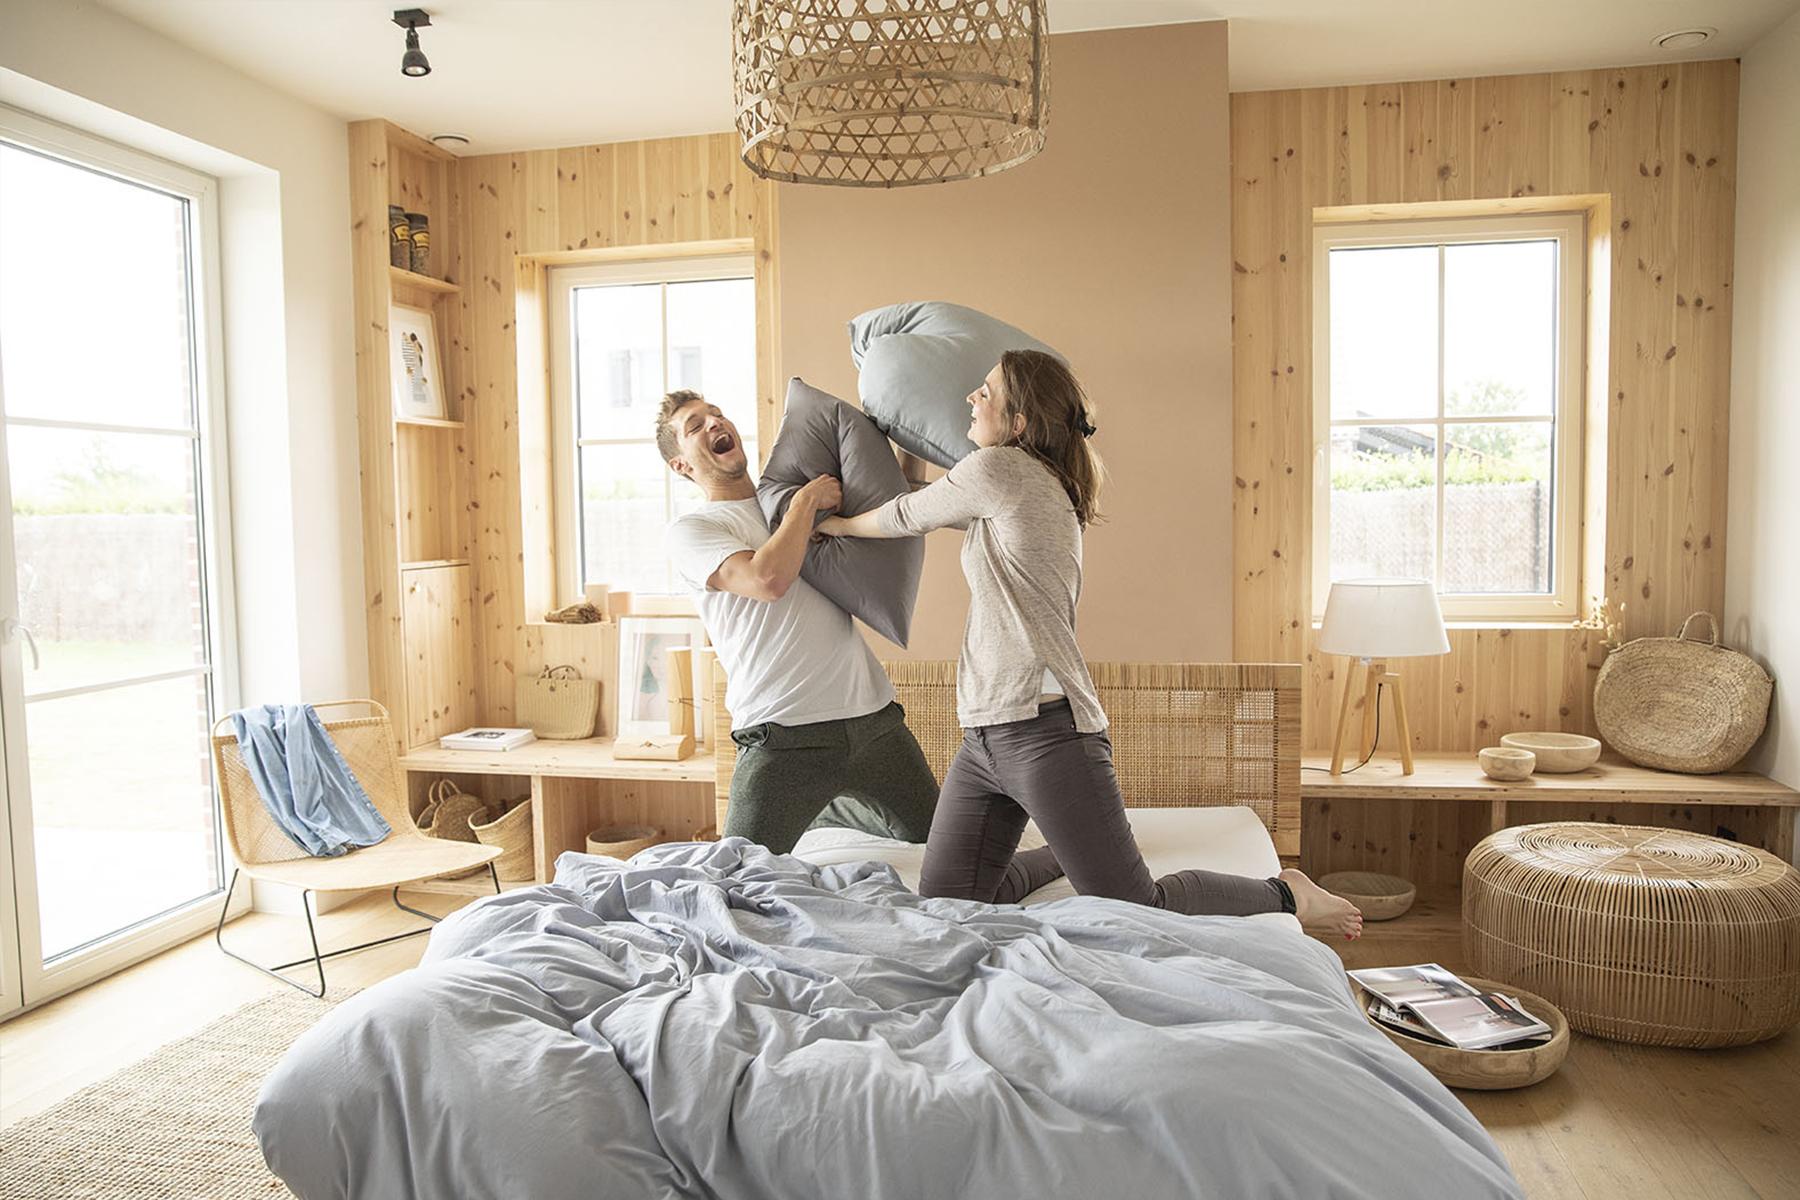 Quel plaisir de faire une bataille d'oreiller sur un lit Ilobed !